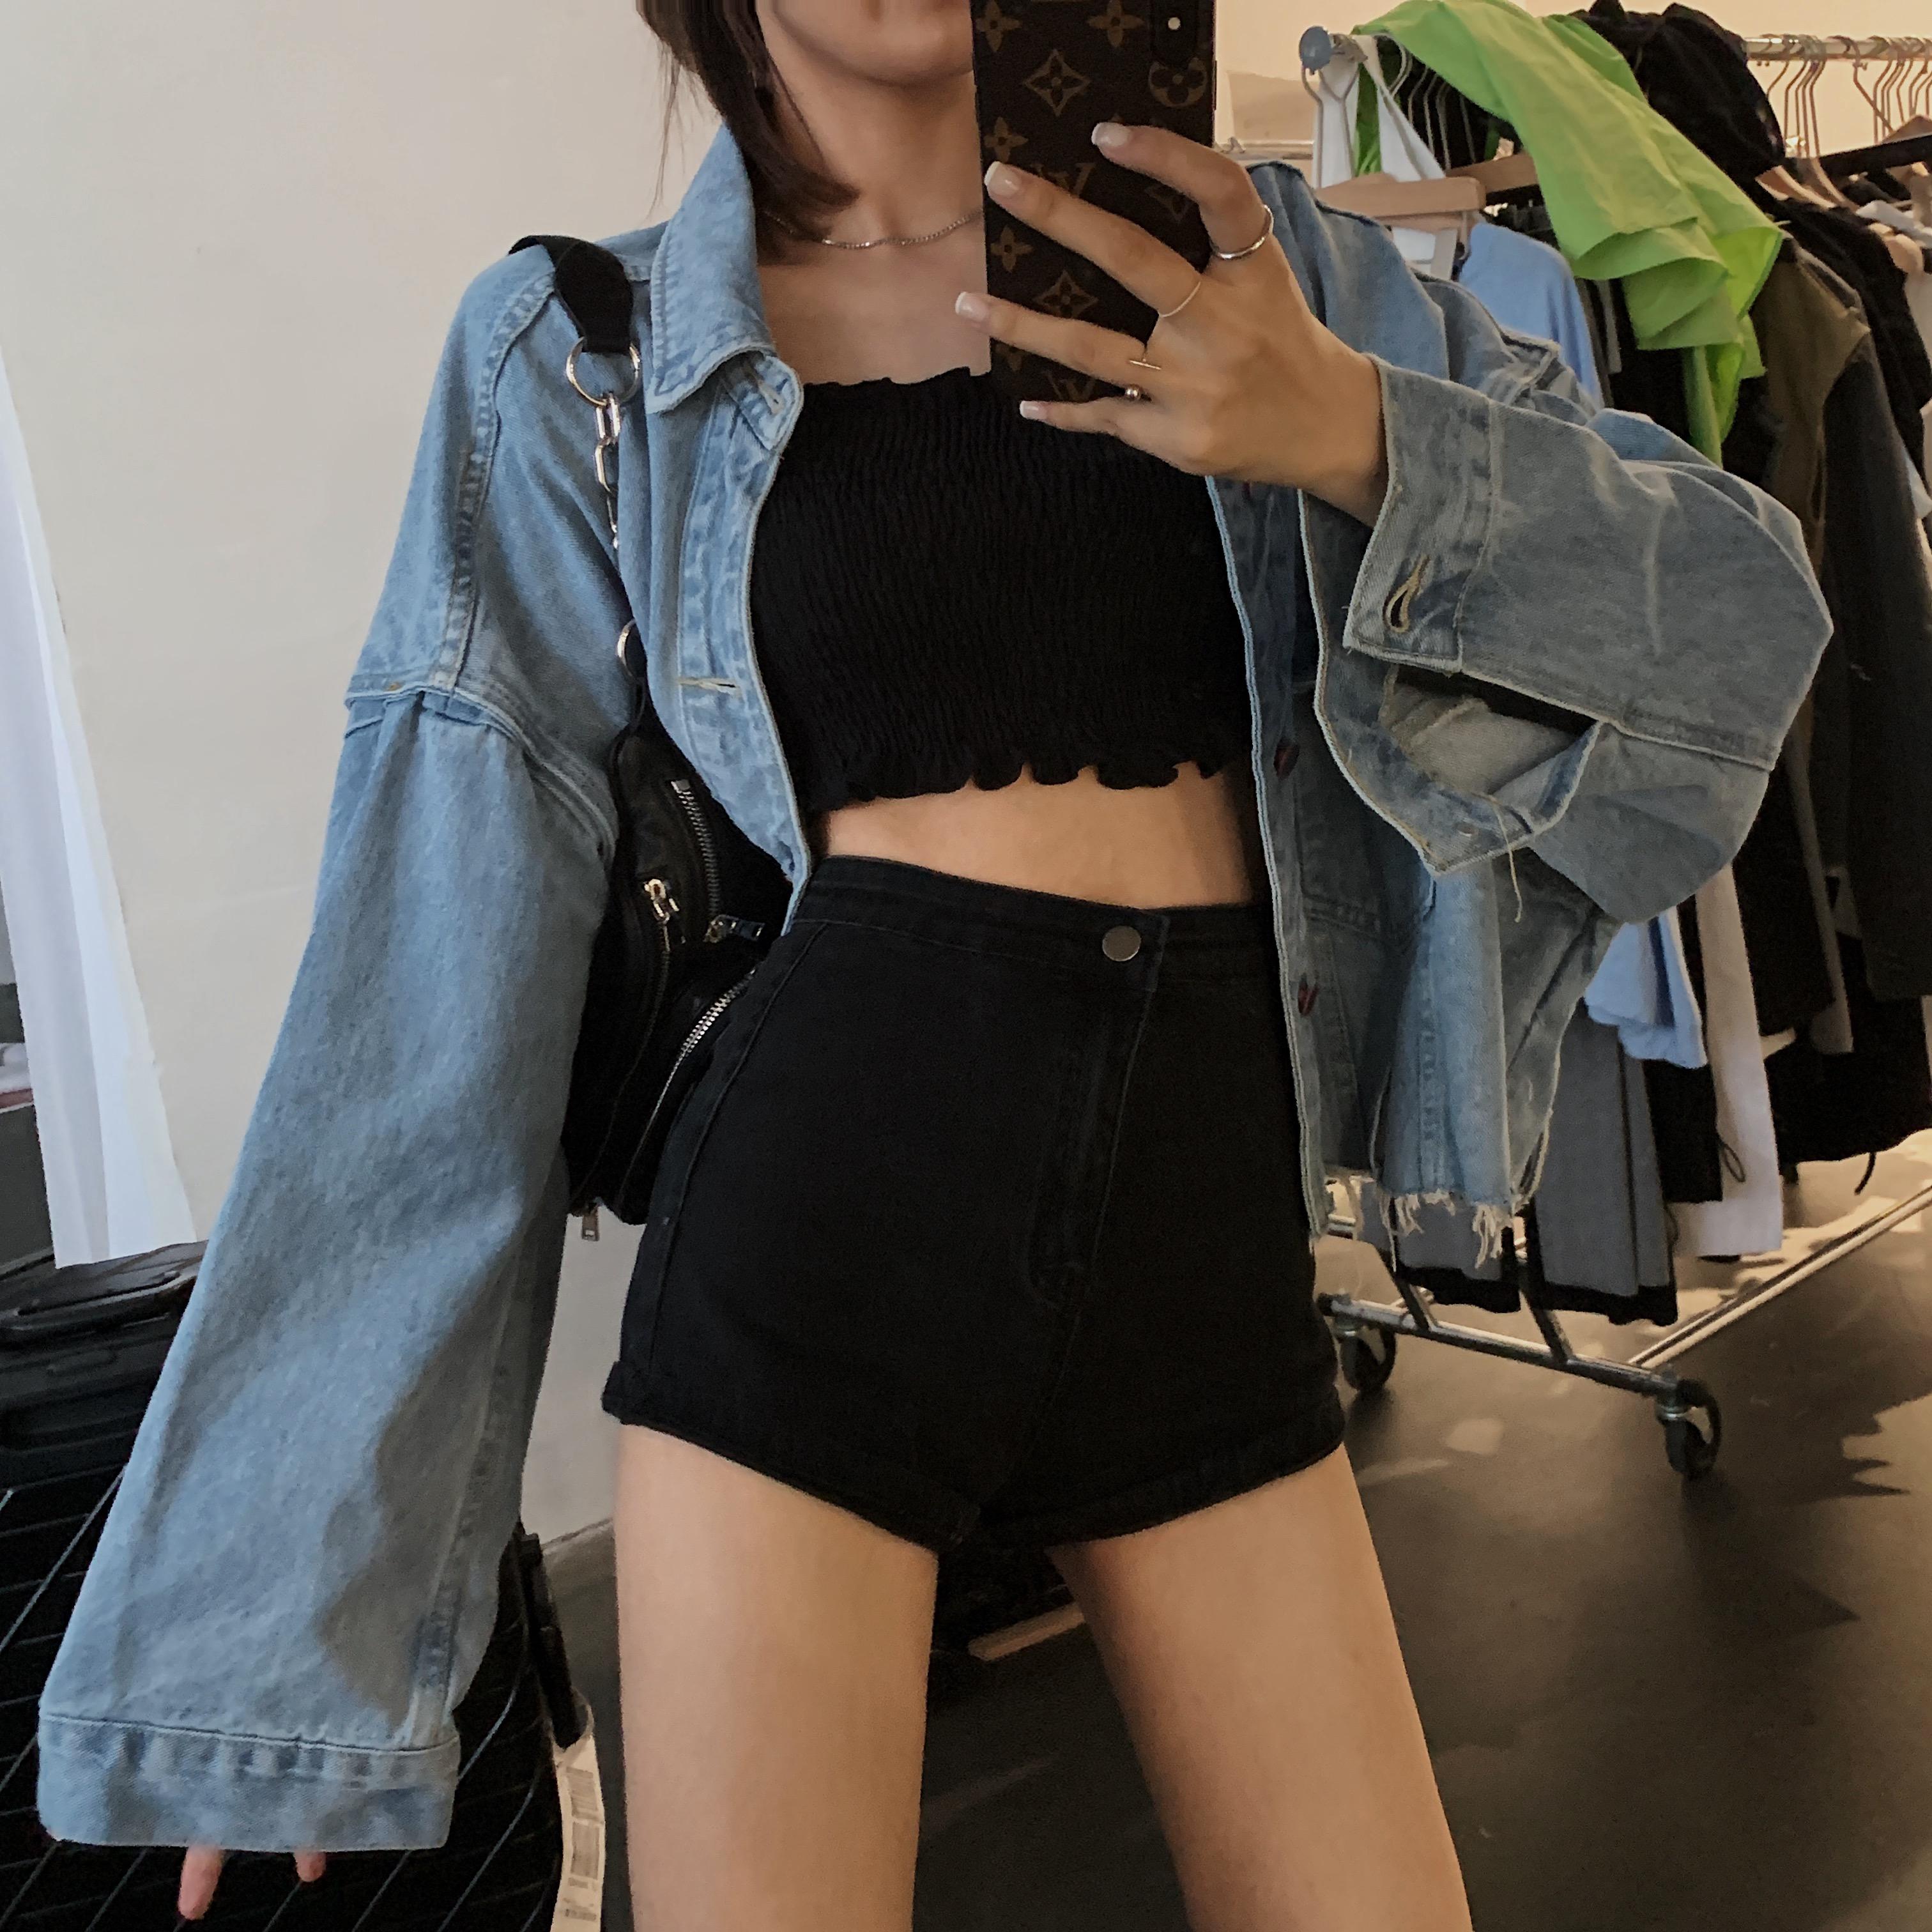 高腰紧身牛仔裤 IN MIMIFACE 黑色高腰牛仔短裤女夏2020新款修身显瘦性感紧身热裤_推荐淘宝好看的女高腰紧身牛仔裤